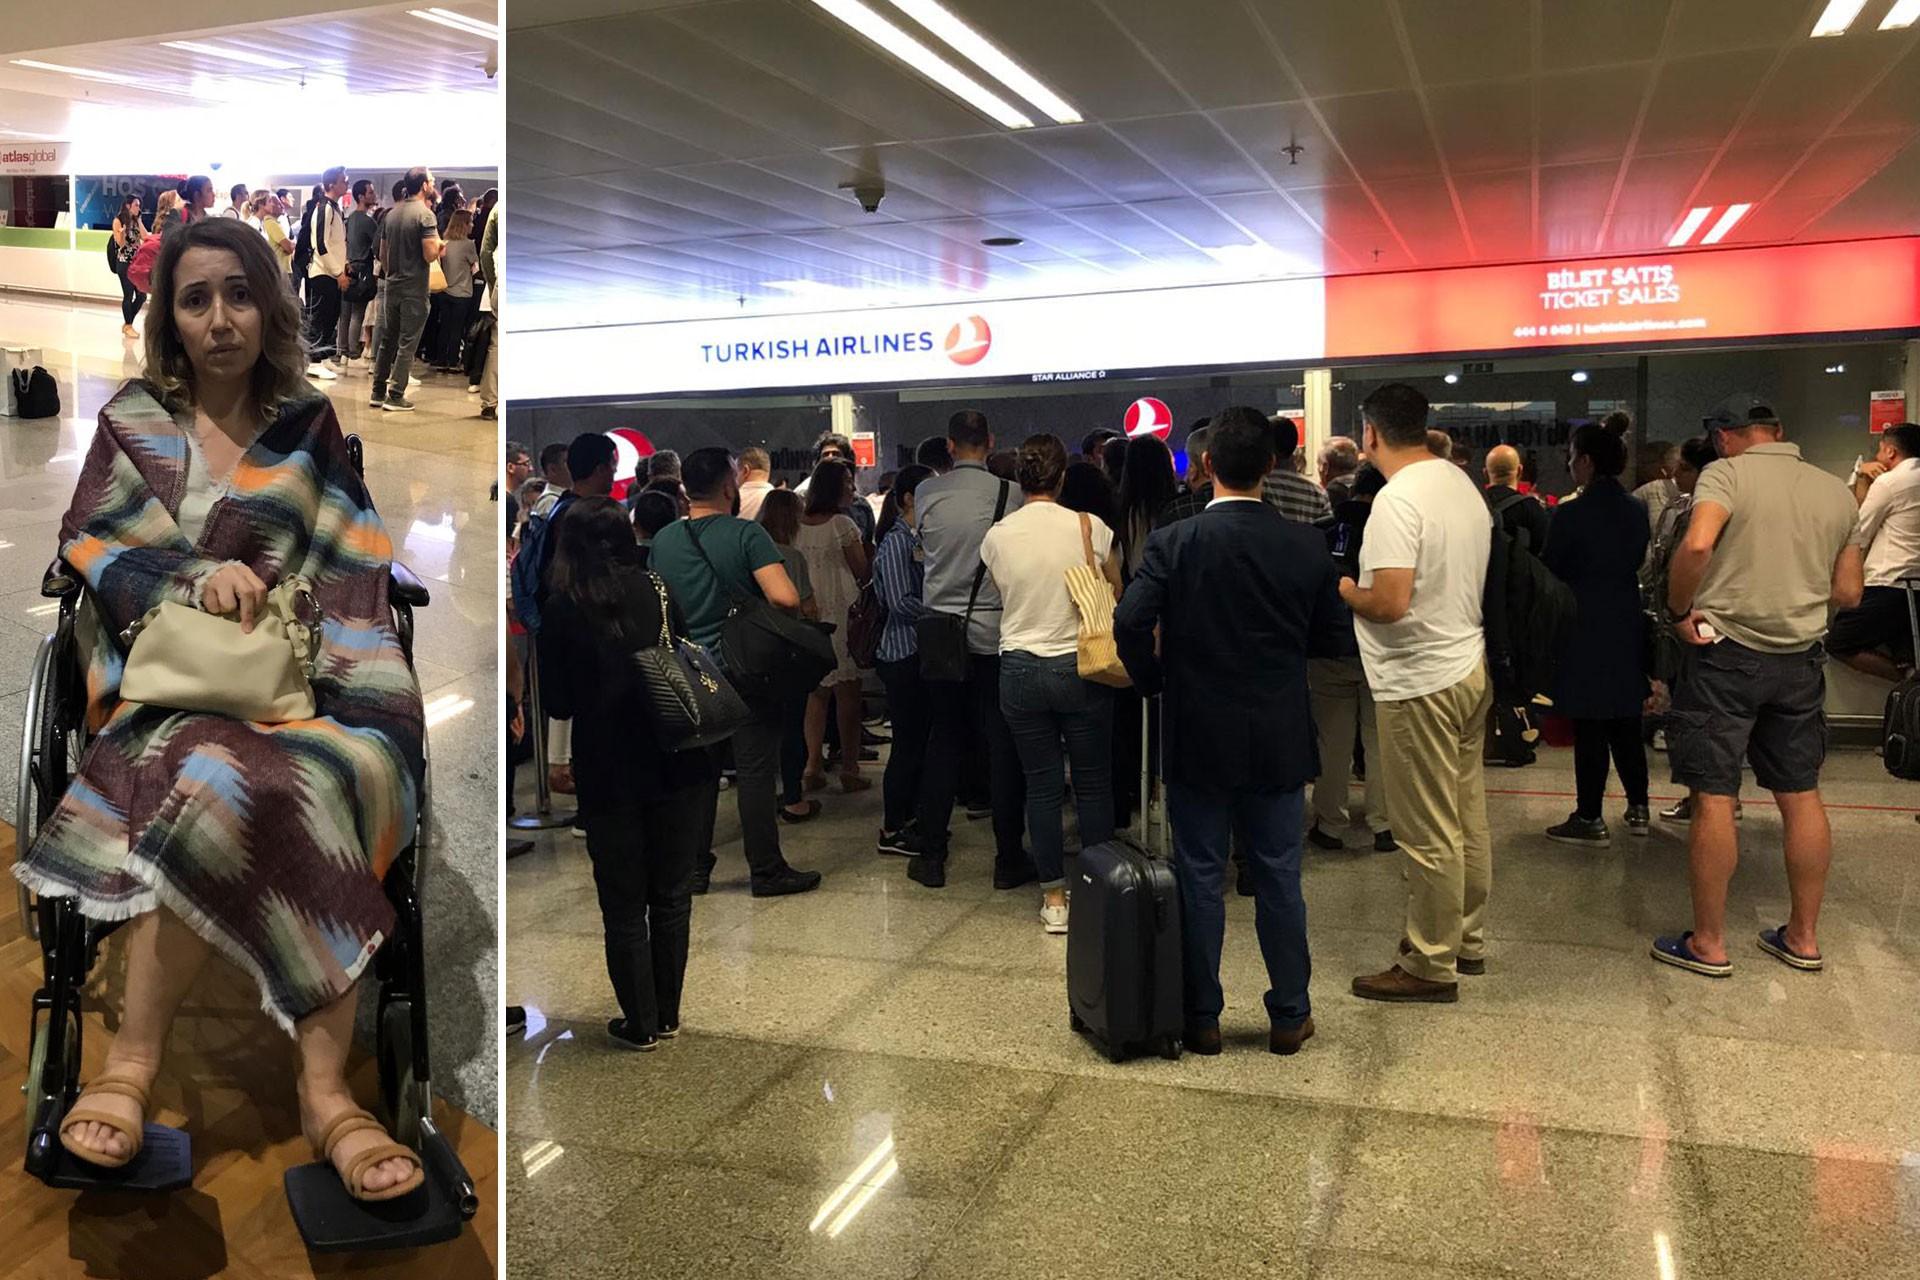 İzmir'den Ankara'ya uçmak isteyen AnadoluJet yolcuları mağdur edildi